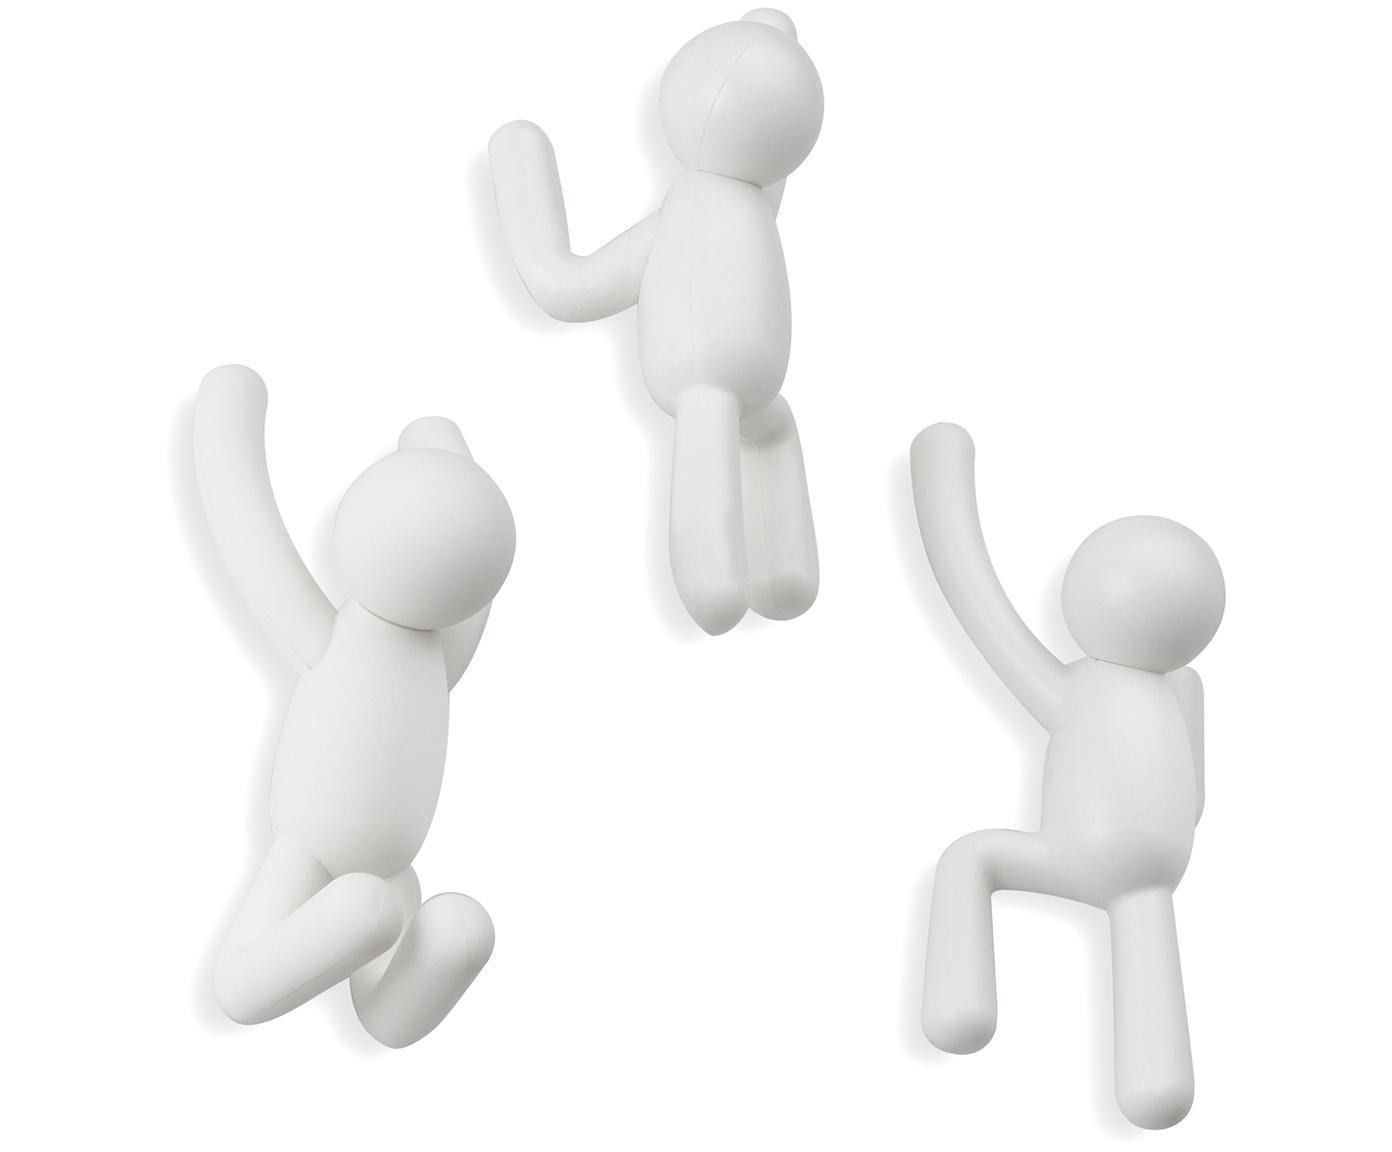 Design Wandhaken-Set Buddy, 3-tlg., ABS-Kunststoff, Weiß, Sondergrößen